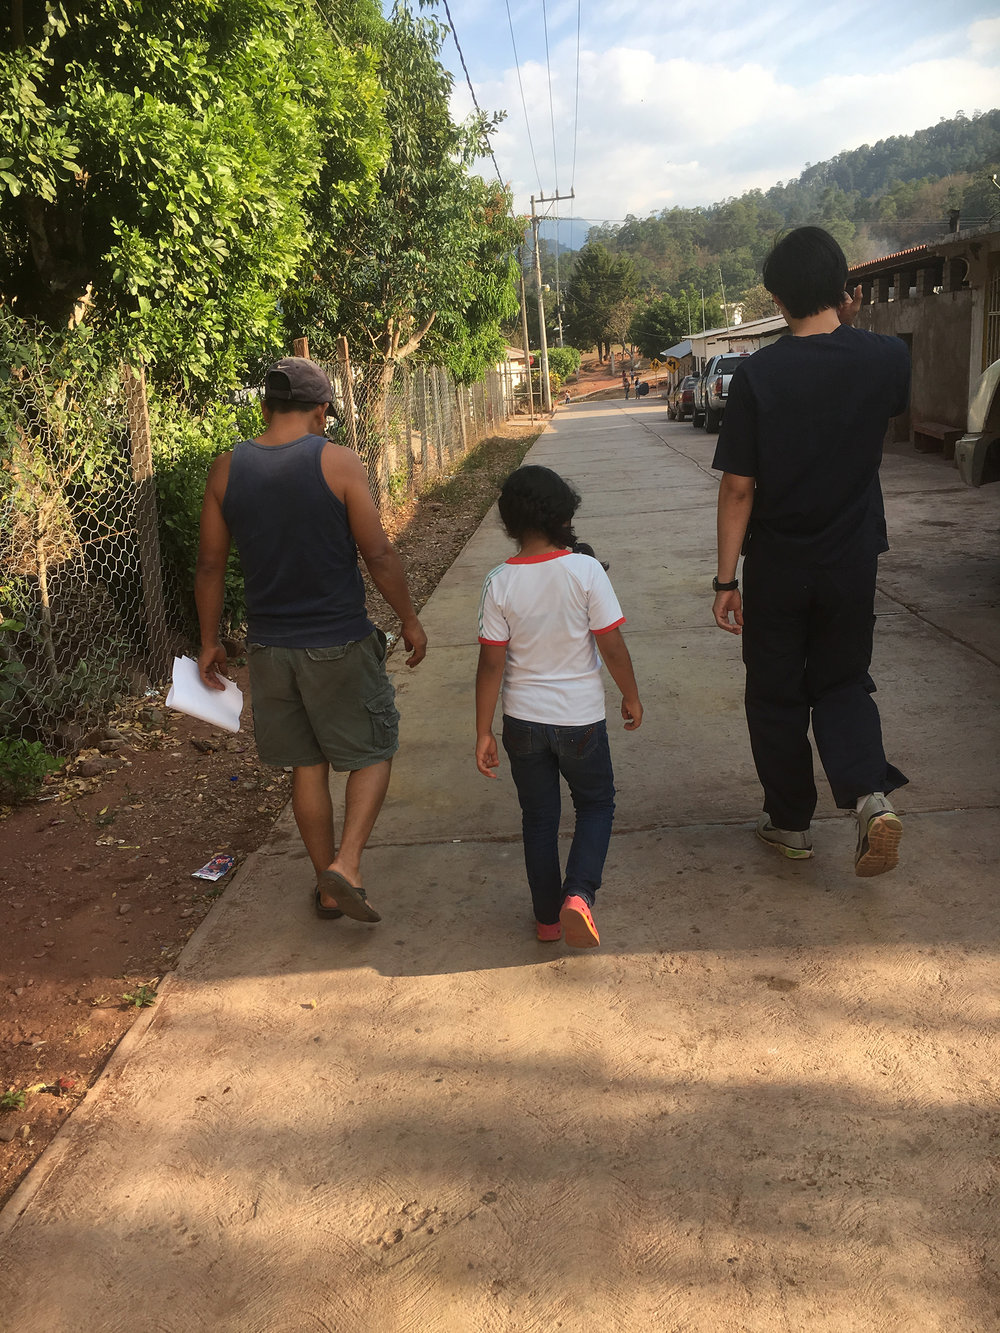 El Dr. Iván Martínez camina de vuelta a la clínica con un padre y su hija mientras platican sobre la enfermedad de uno de ellos. Las consultas de improviso son comunes.